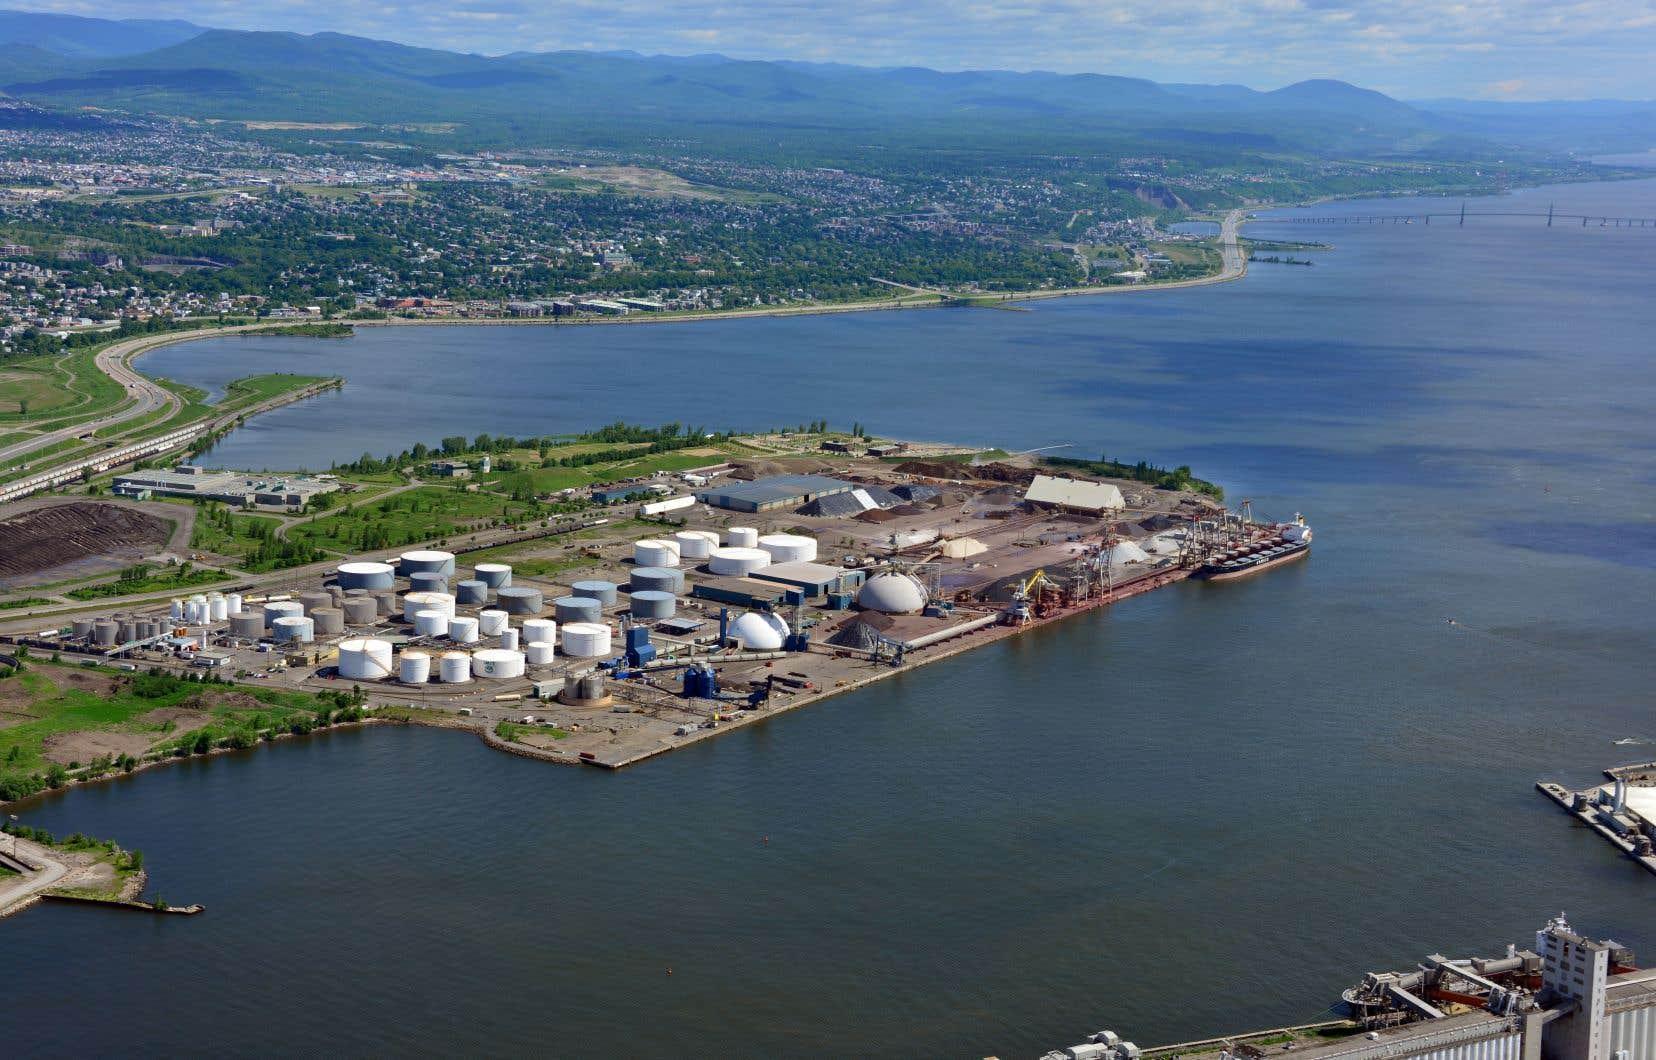 Laurentia est un projet d'agrandissement de plusieurs centaines de millions de dollars visant à positionner Québec comme un leader dans le transbordement de conteneurs.